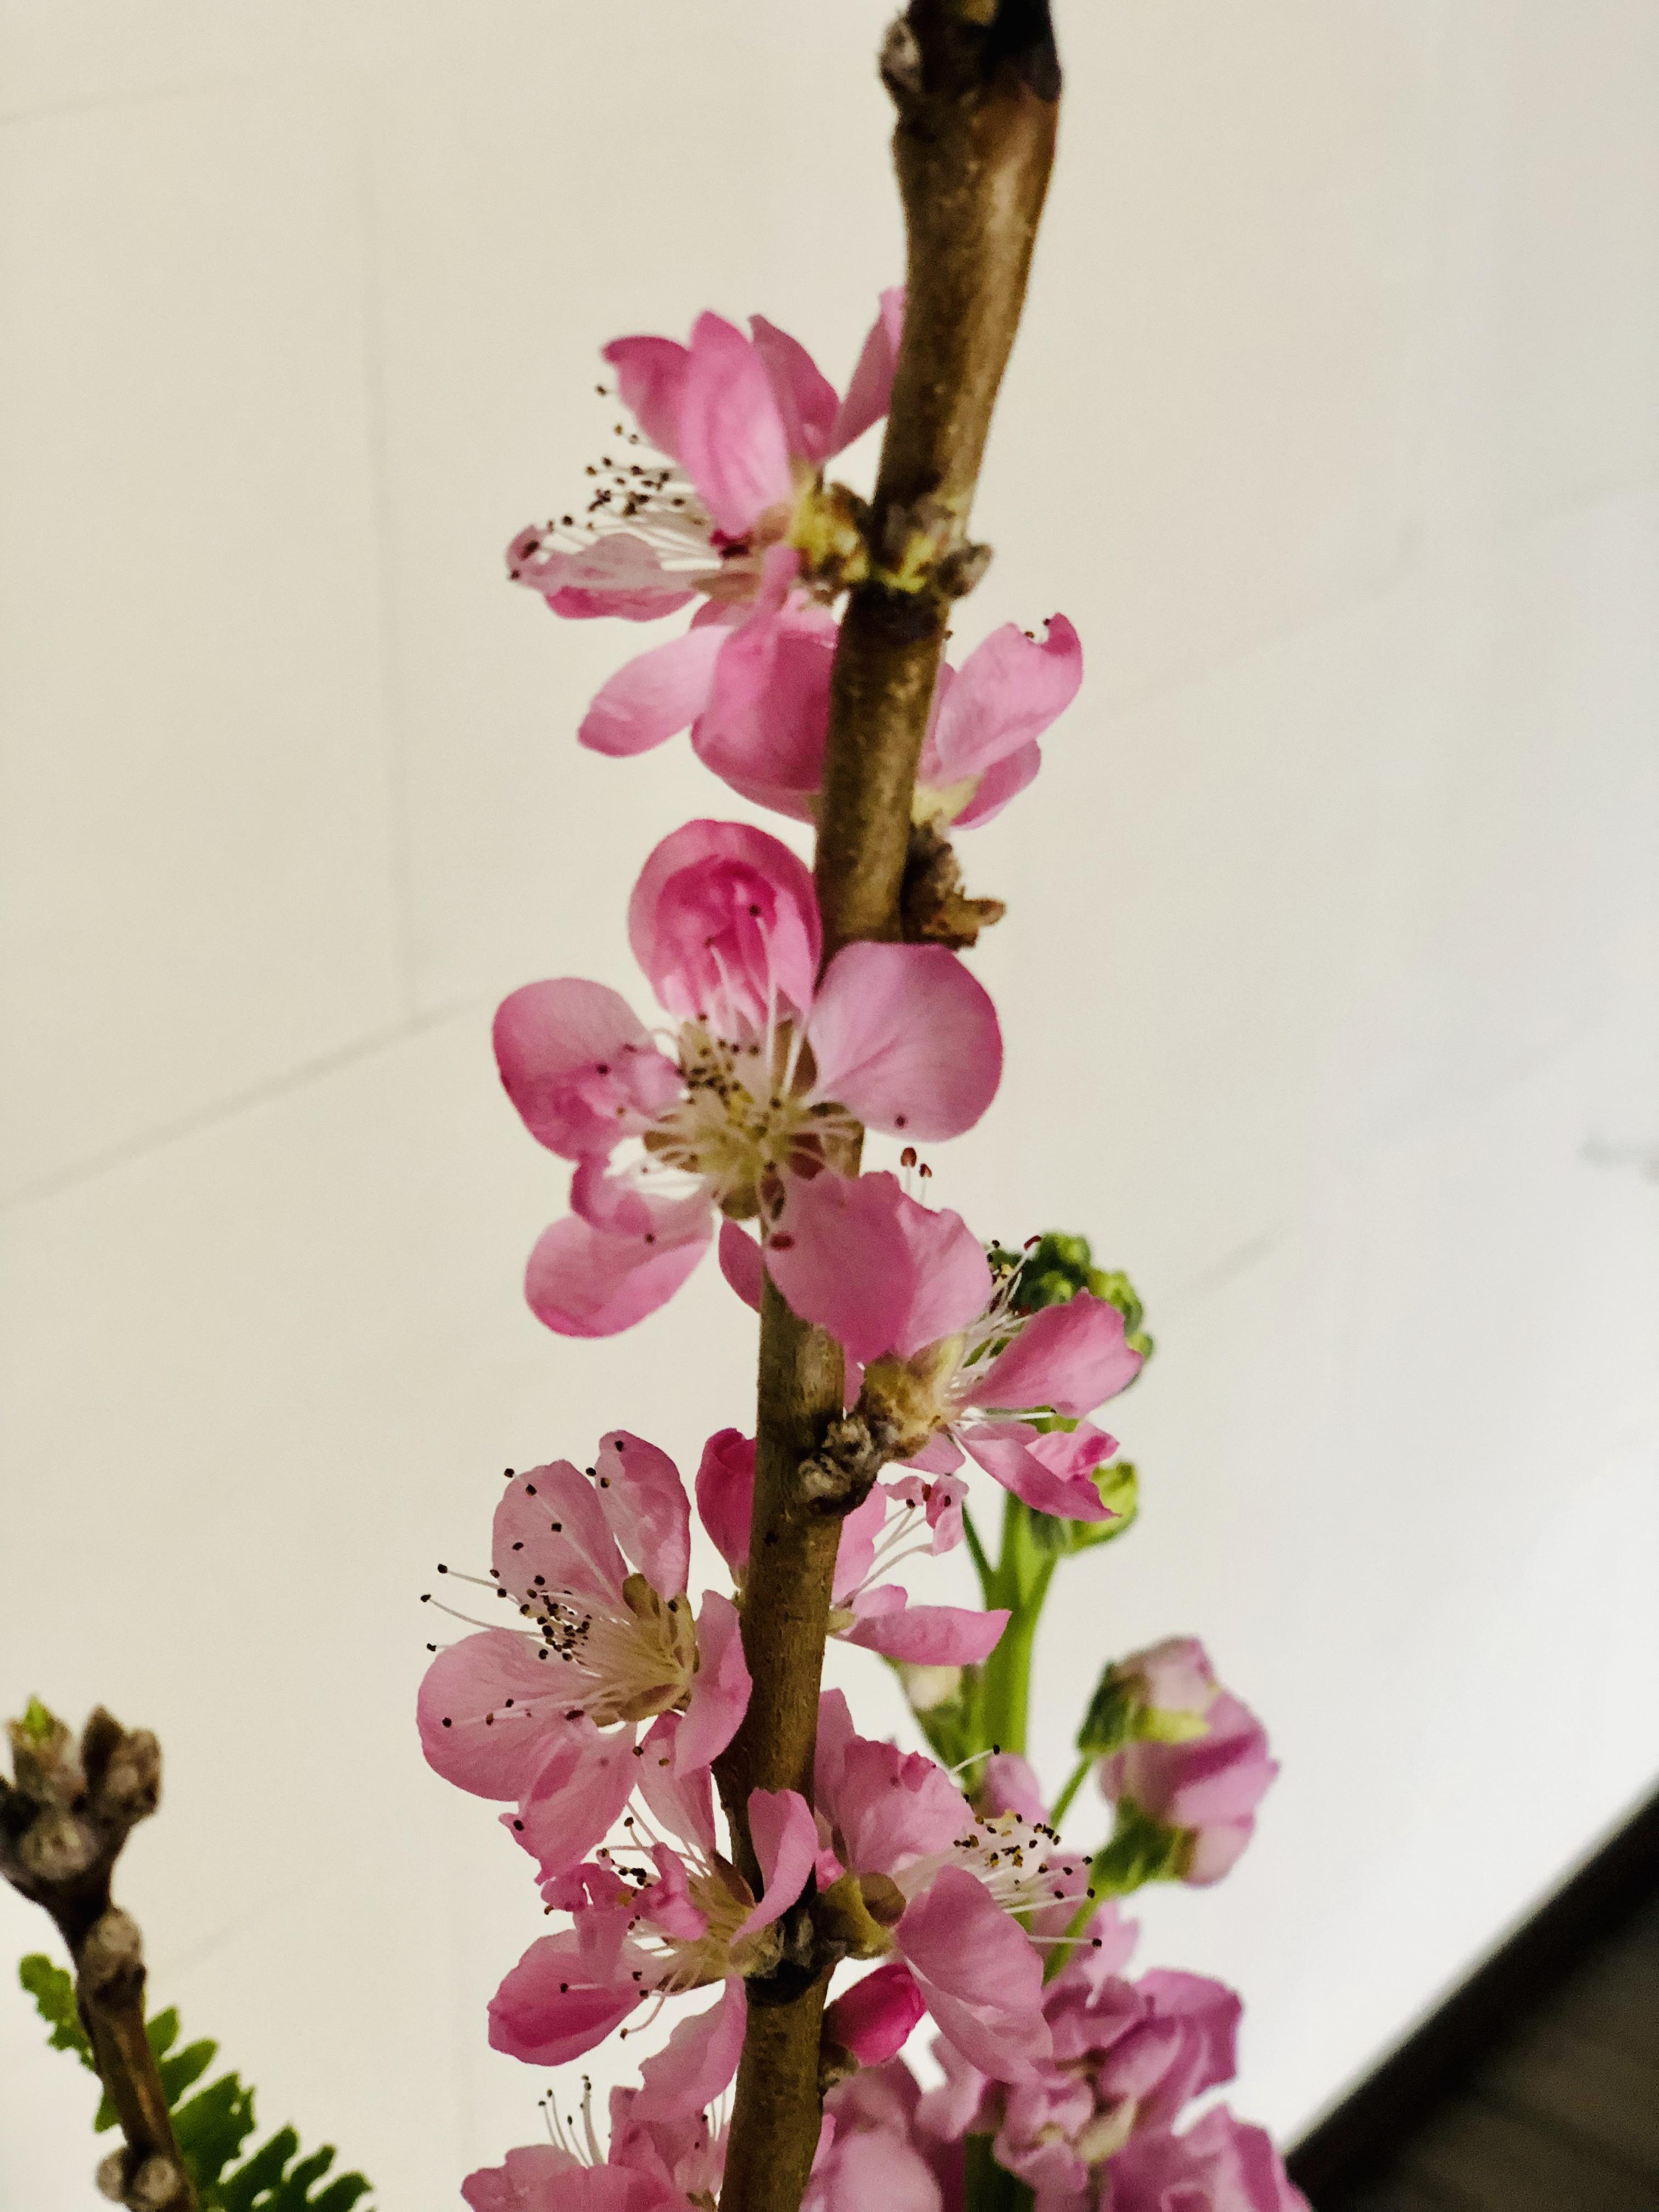 桃の花が咲いた